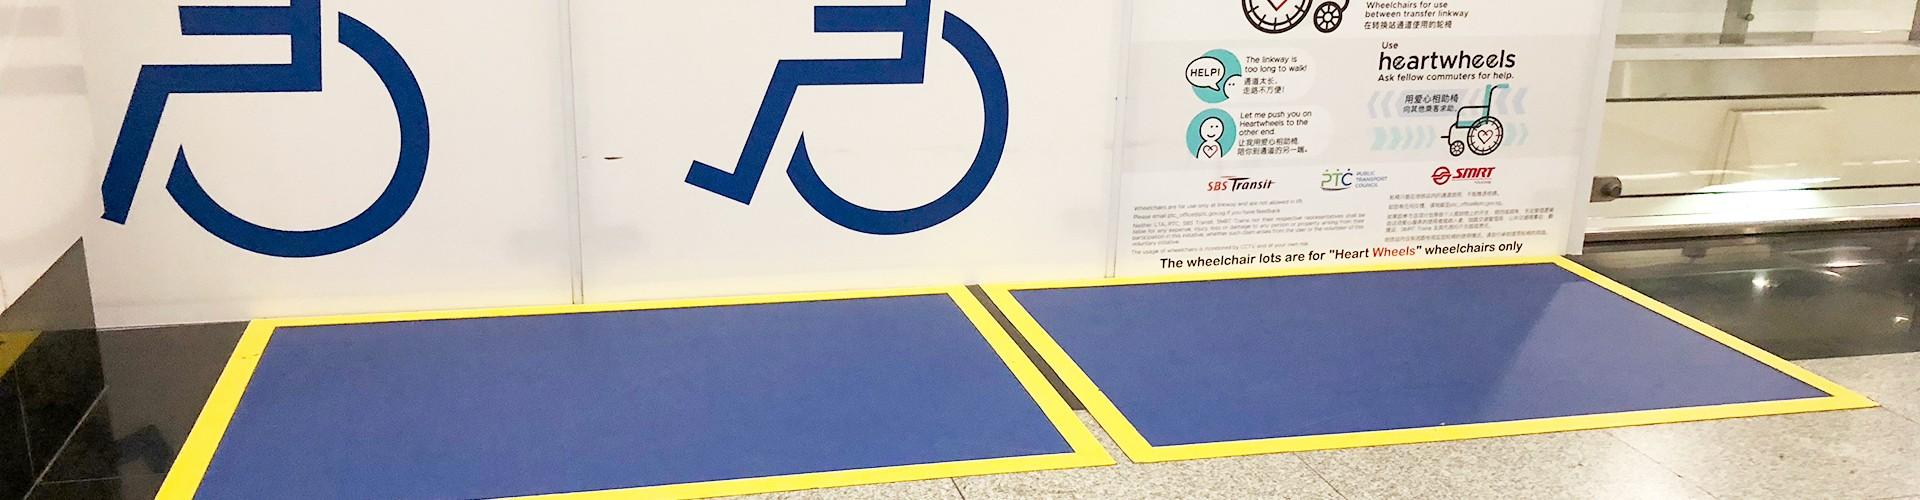 In einer U-Bahn-Station. Am Boden Aufkleber Priority Queue für Rollstuhlfahrer, ältere Personen, Verletzte, Schwangere und mit Kinderwagen. Dahinter 2 blau markierte Abstellflächen. Dahint an der Glaswand mit großen Hinweisen Rollstuhl und heartwheels Projekterklärung.